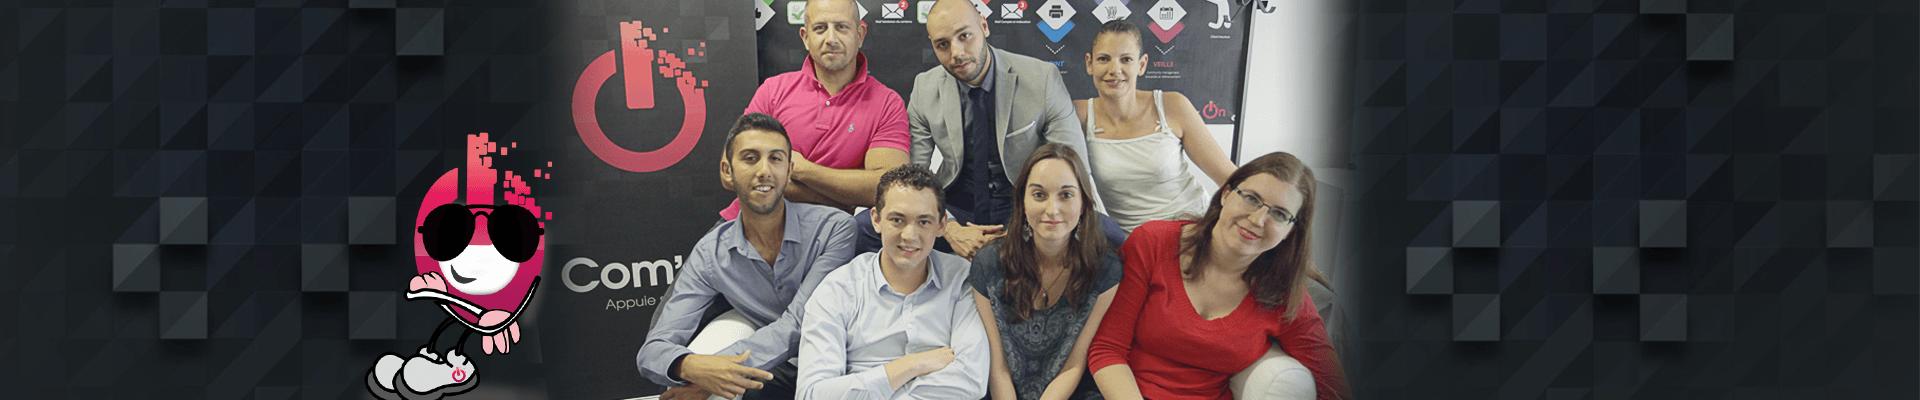 comon arles - agence web arles - comon solution - solution pour entreprise bouches du rhone